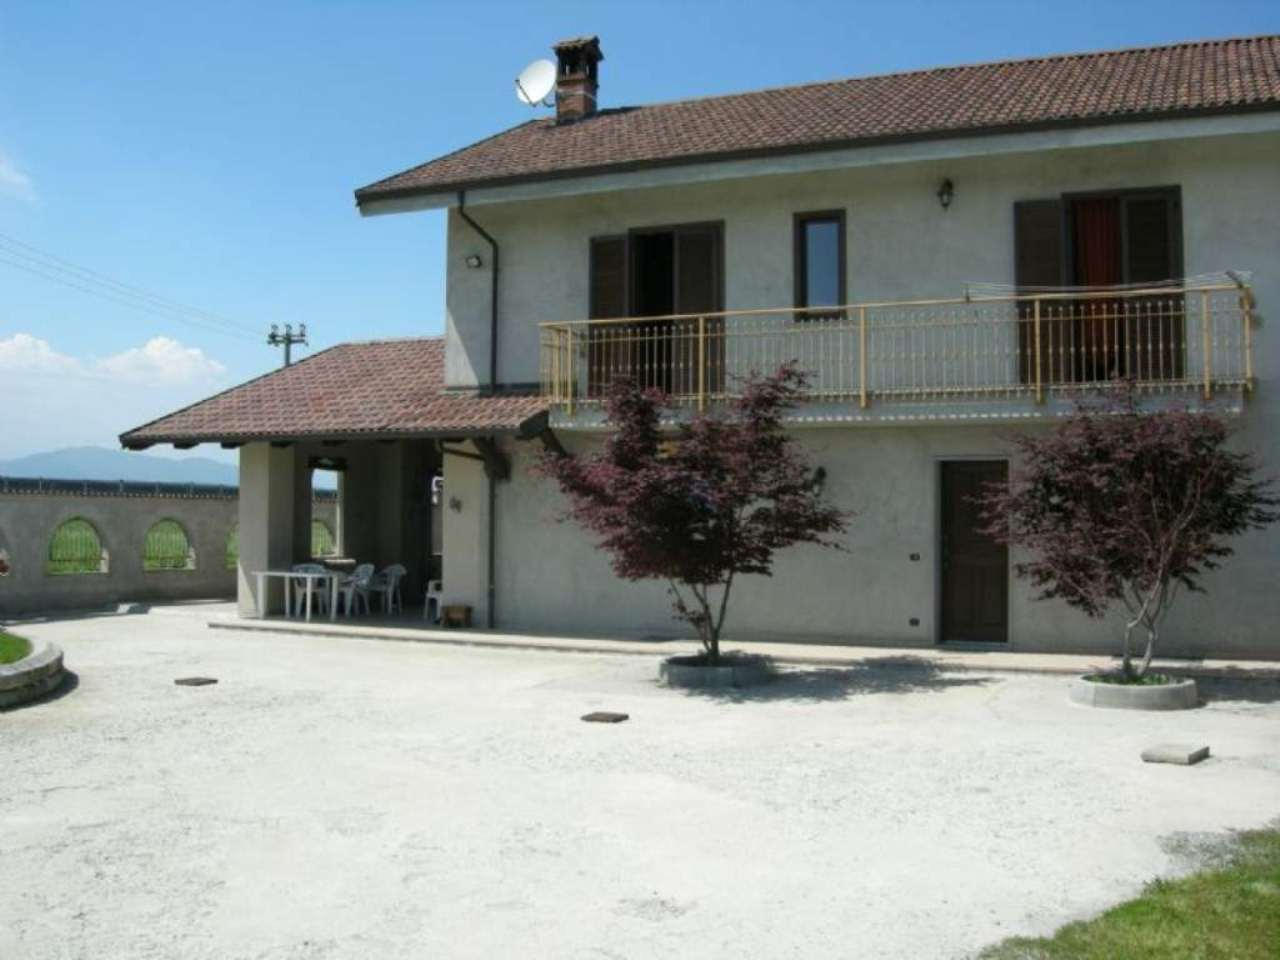 Soluzione Semindipendente in vendita a Centallo, 6 locali, prezzo € 260.000 | Cambio Casa.it